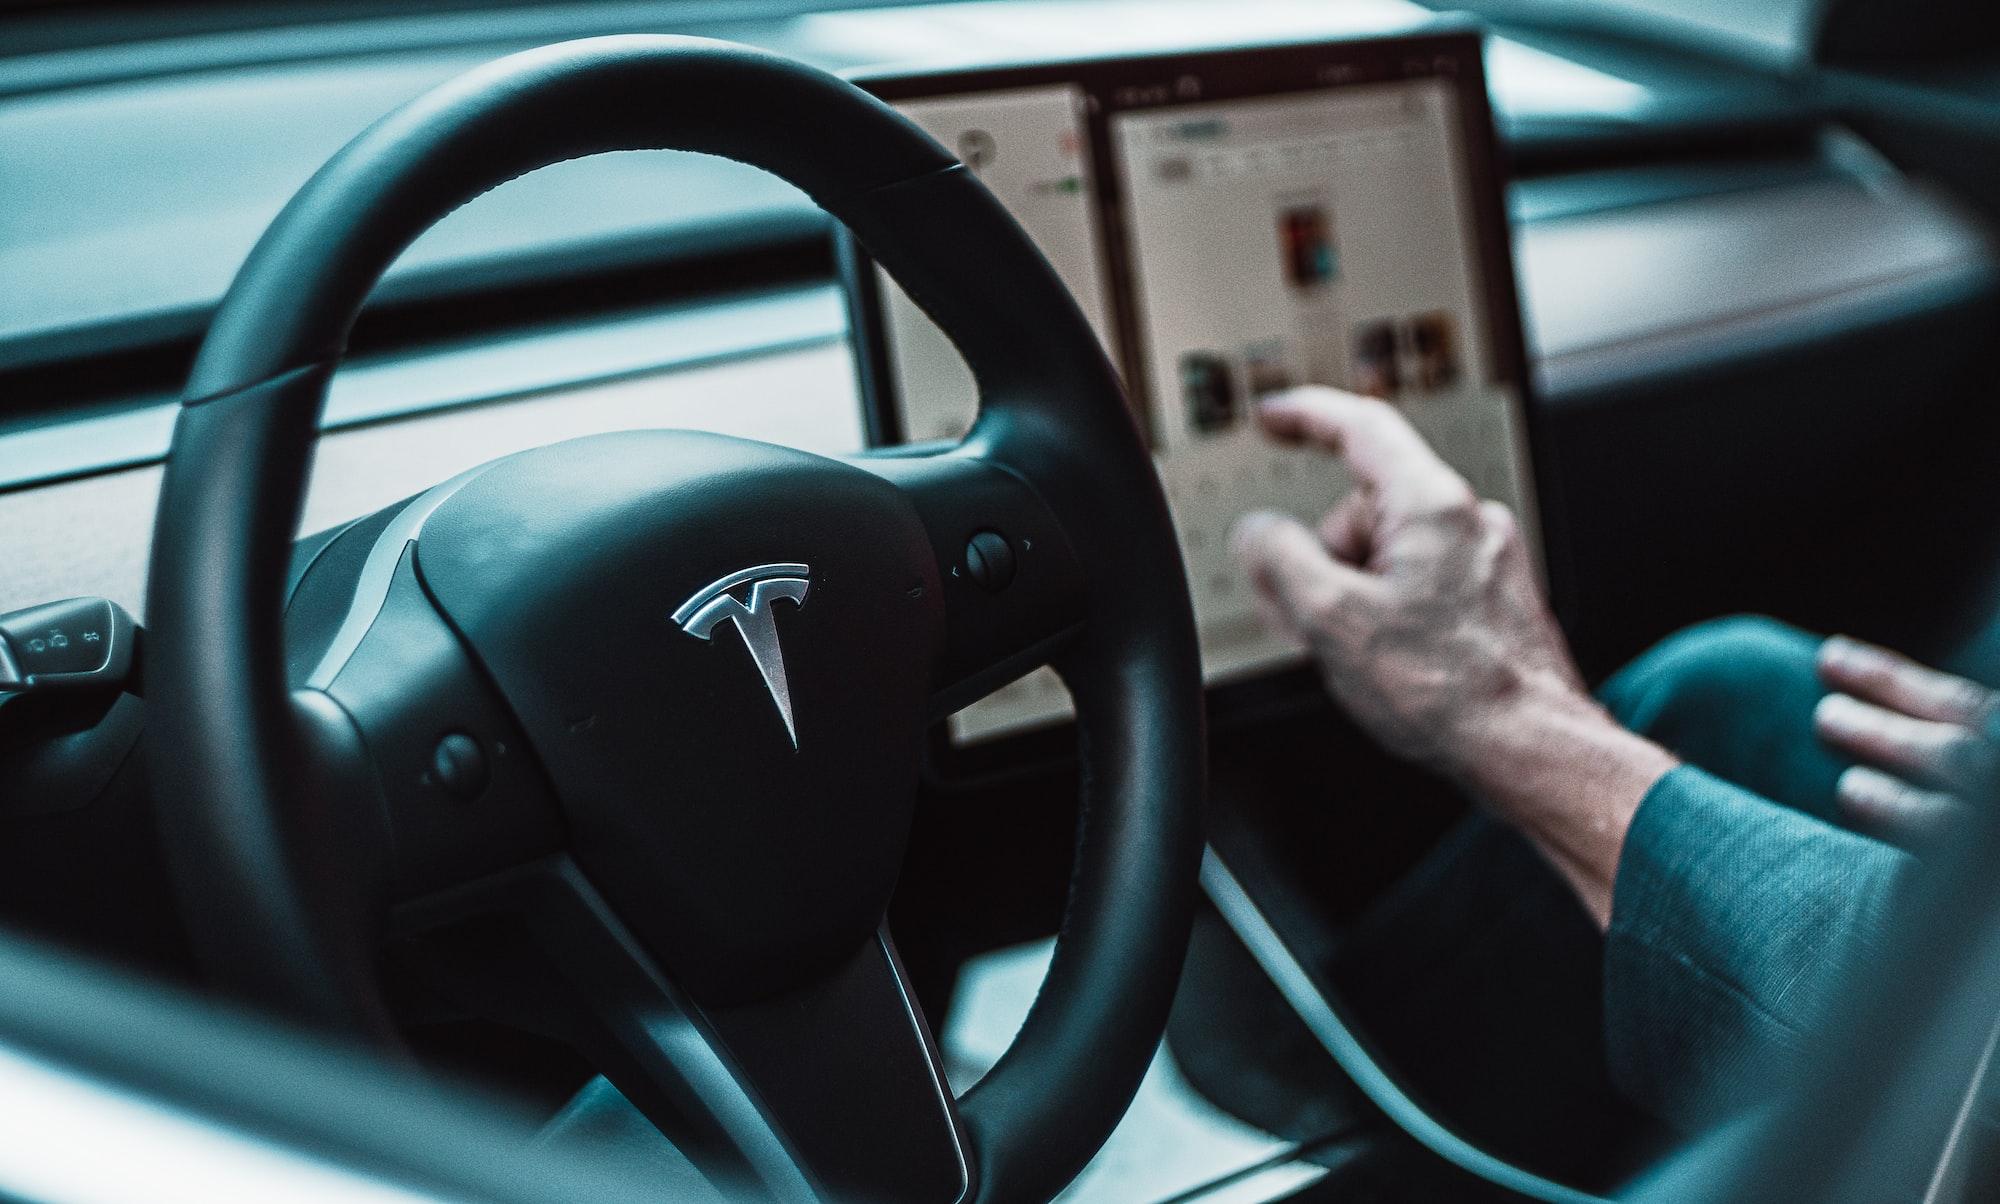 จ่าย Bitcoin ซื้อ Tesla ได้อย่างเป็นทางการแล้ว!